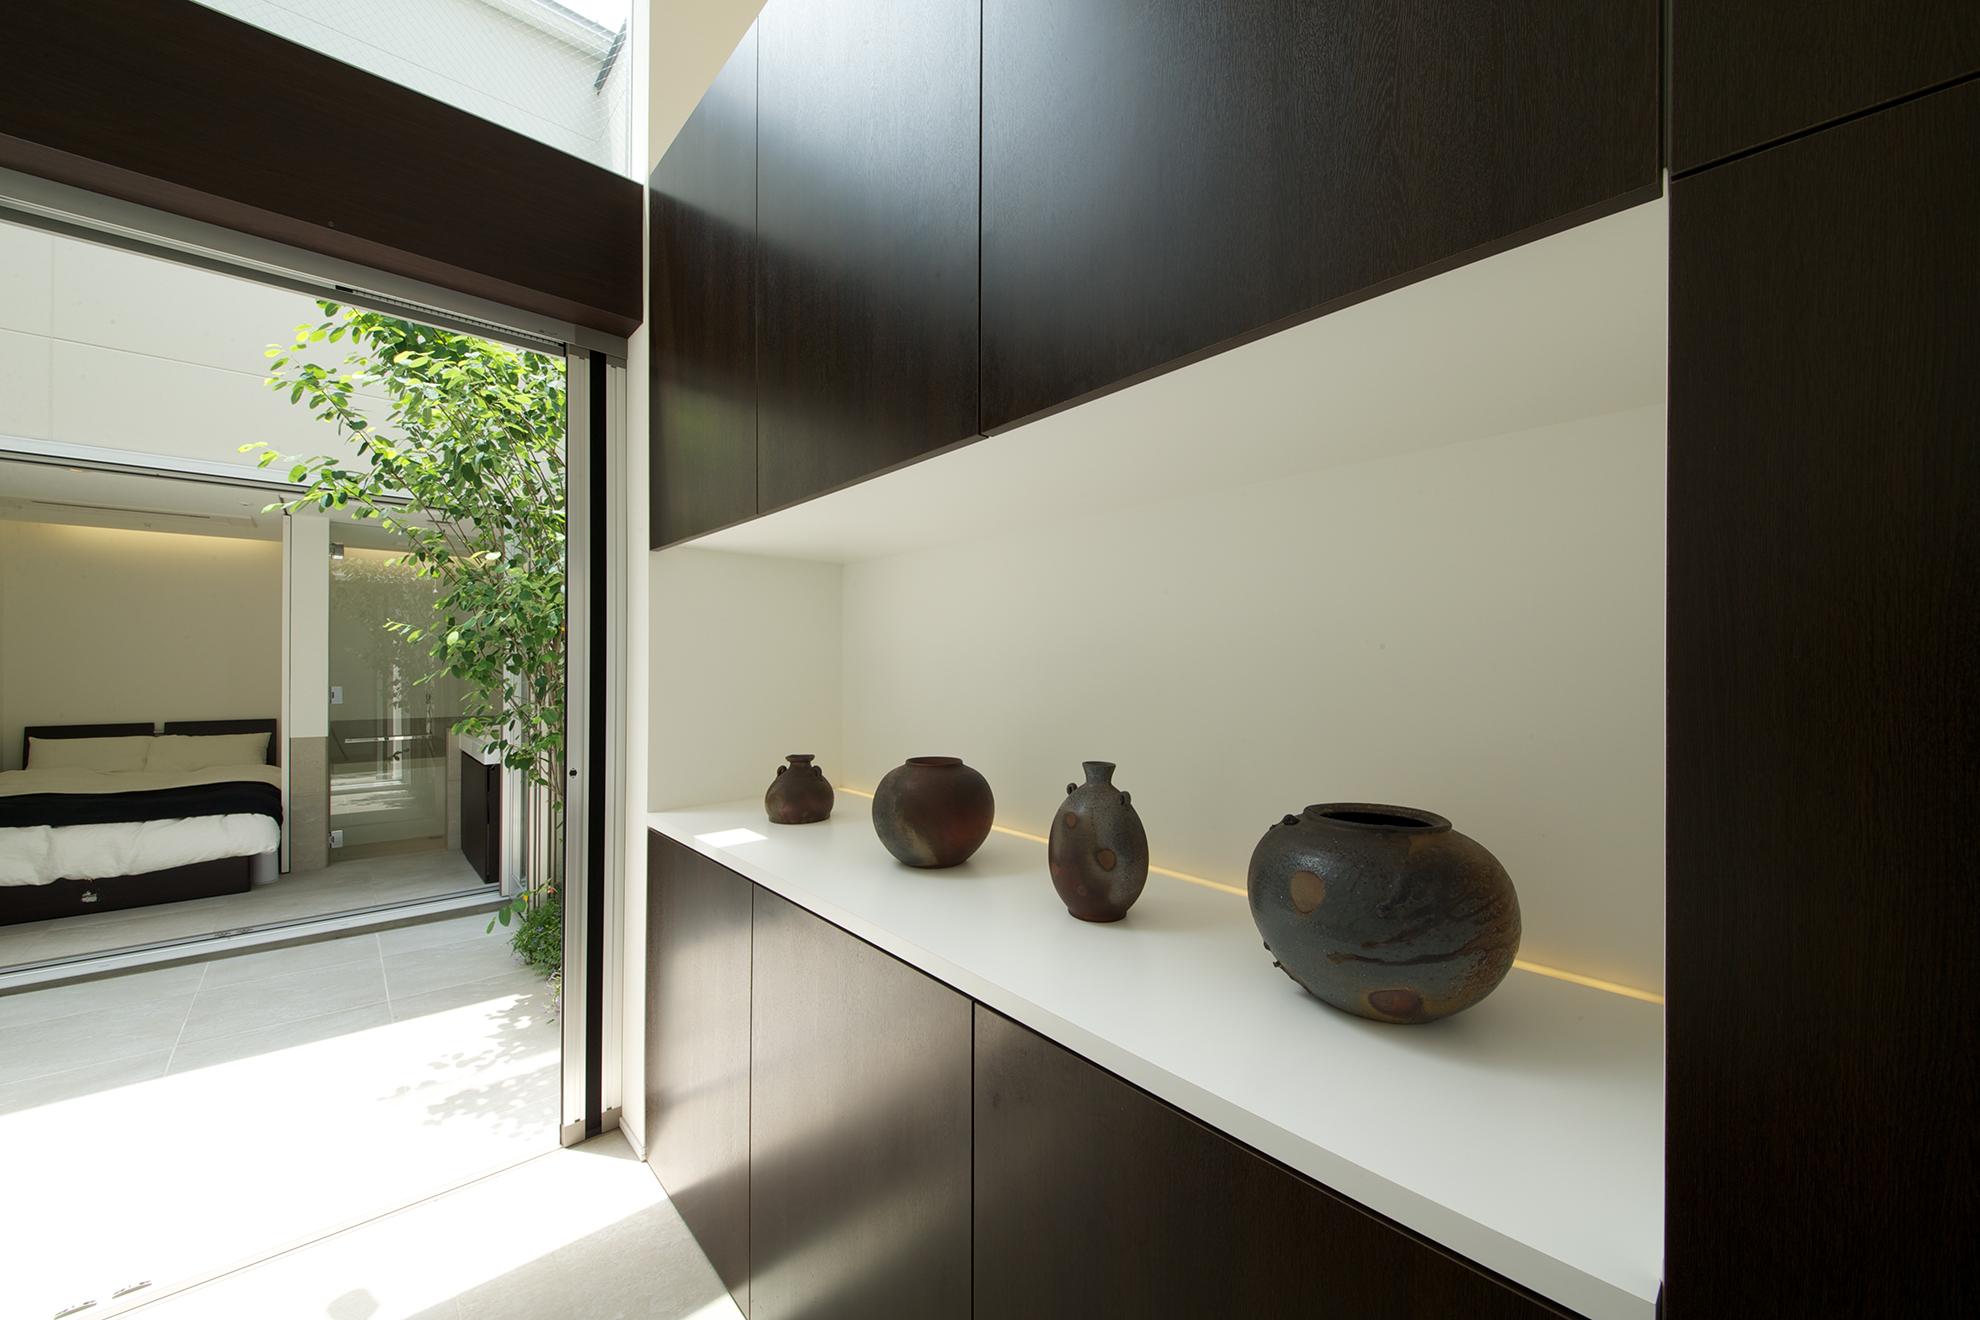 芦屋・西宮・宝塚|一級建築士事務所|rivet design office|リベットデザインオフィス